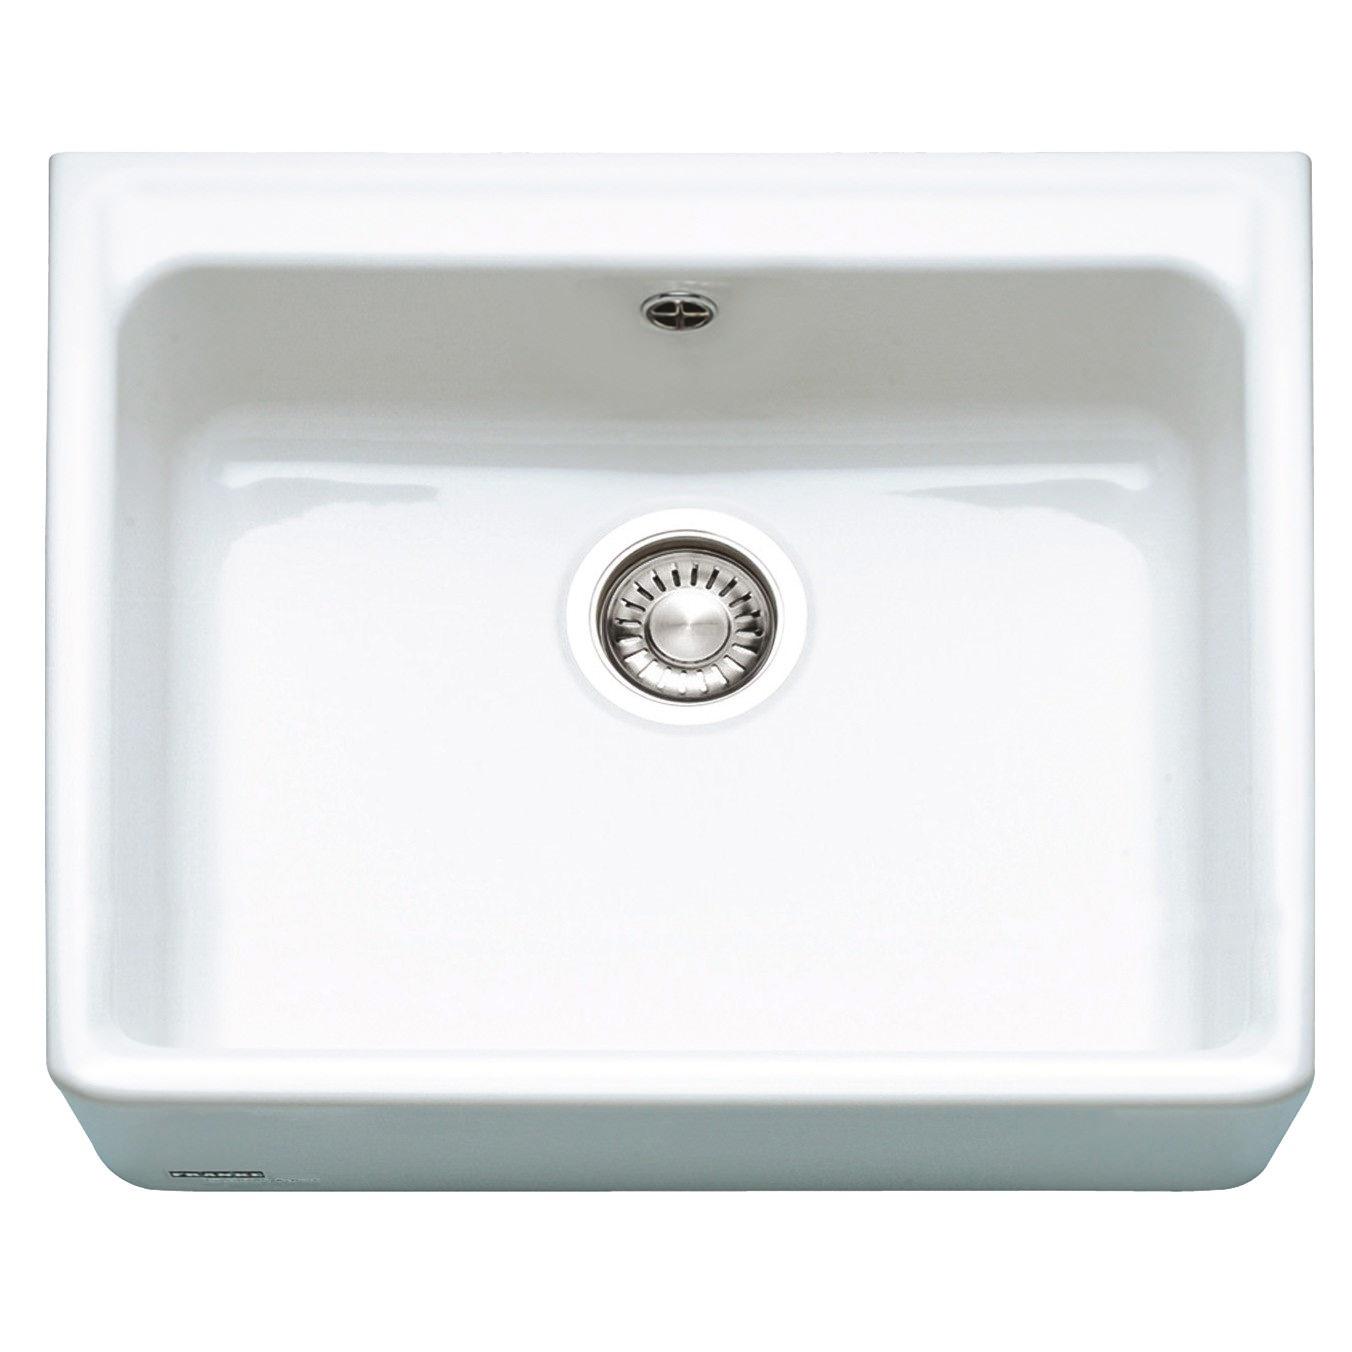 Franke Ceramic Sink : ... ceramic sinks brand new franke belfast vbk 710 ceramic 1 0 bowl white